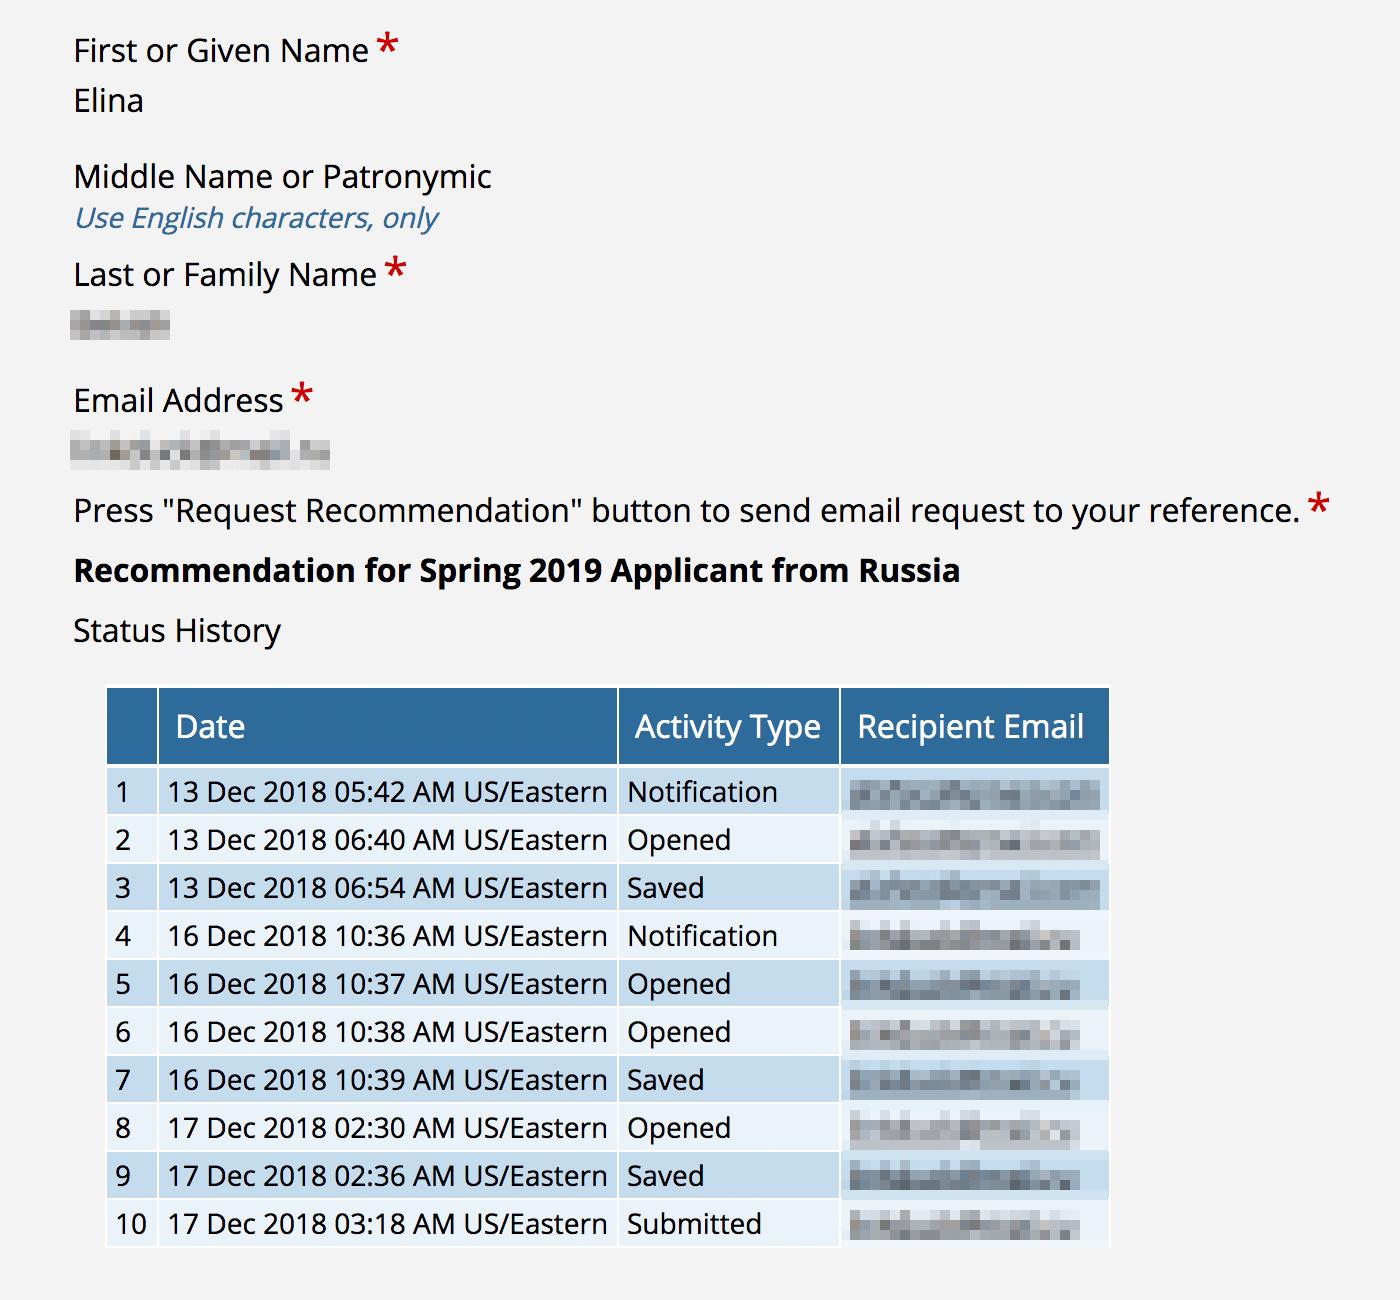 Организаторы просят участников предоставить два рекомендательных письма. В анкете можно отслеживать, заполнил рецензент форму или нет. Это поможет не пропустить дедлайн. Советую за этим следить: мой рецензент забыл о моей просьбе. Мне пришлось срочно просить о помощи другого клиента